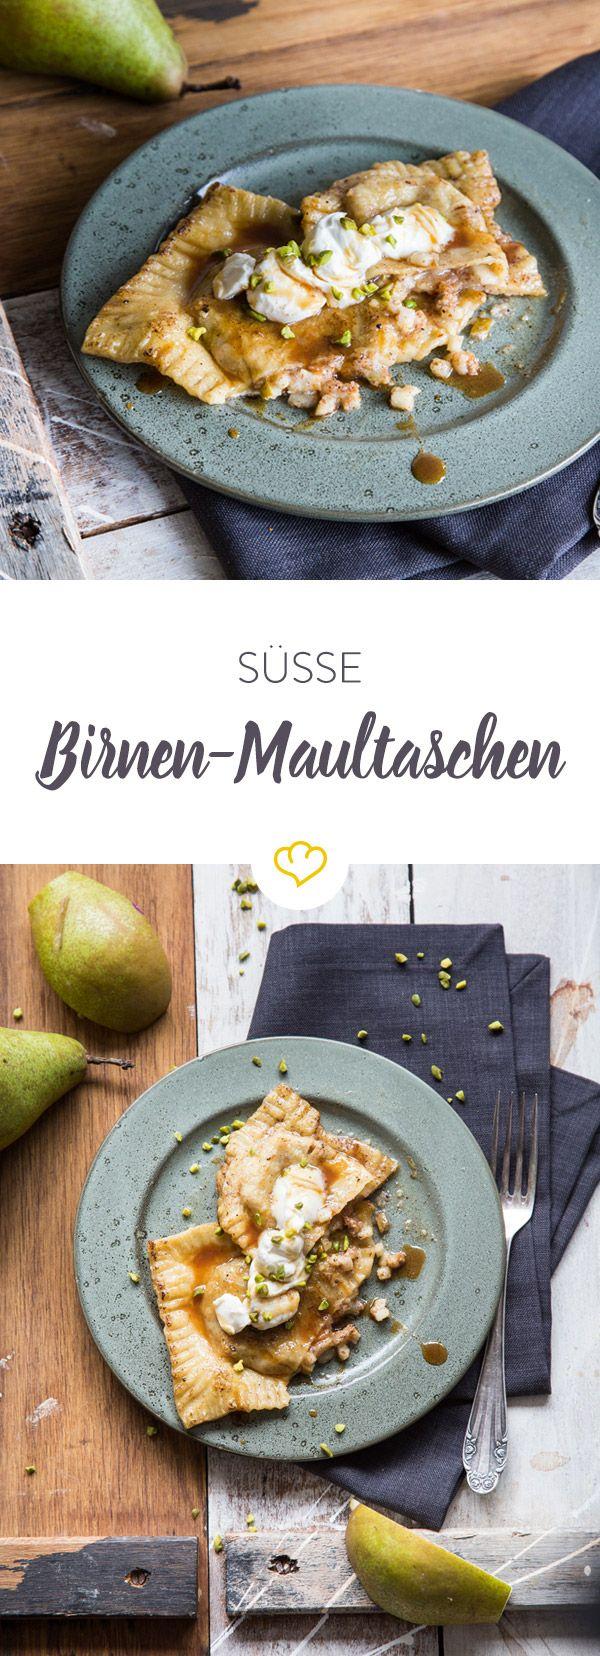 Vom deftigen Klassiker zum kleinen, feinen Dessert. Mit Birnen-Nuss-Füllung und Karamellsauce zeigt sich die Maultasche hier von ihrer süßen Seite.